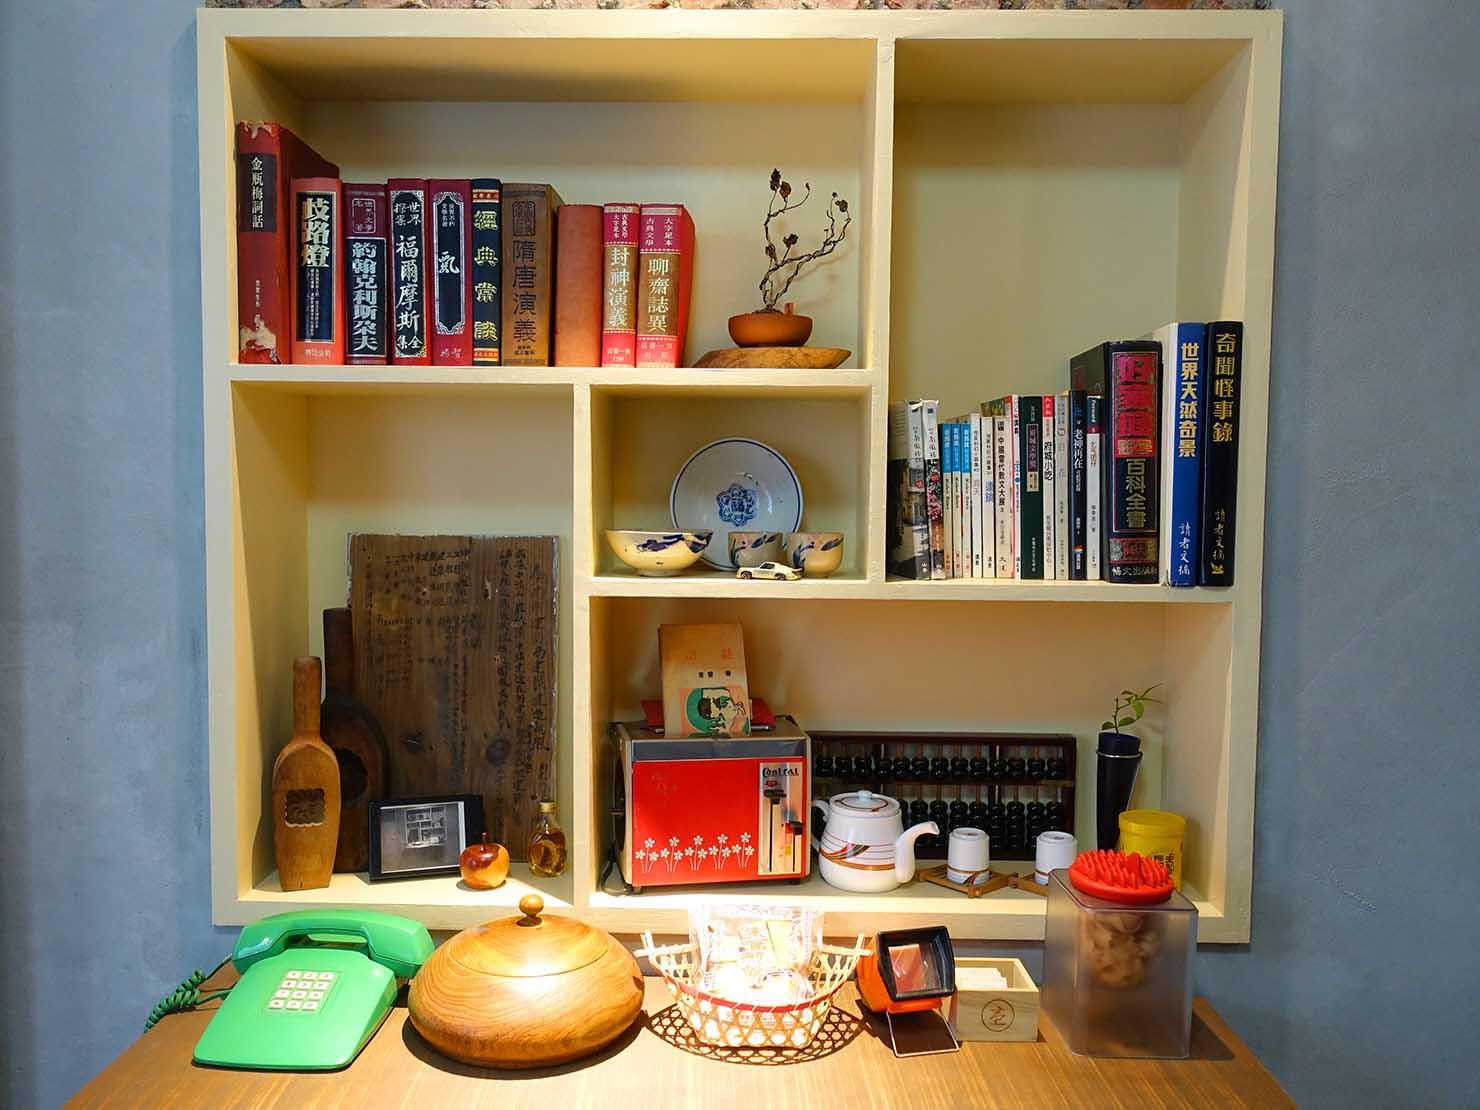 台南のおすすめ古民家ゲストハウス「永福97.1」アティックキャビン1Fに飾られたレトロなアイテムたち